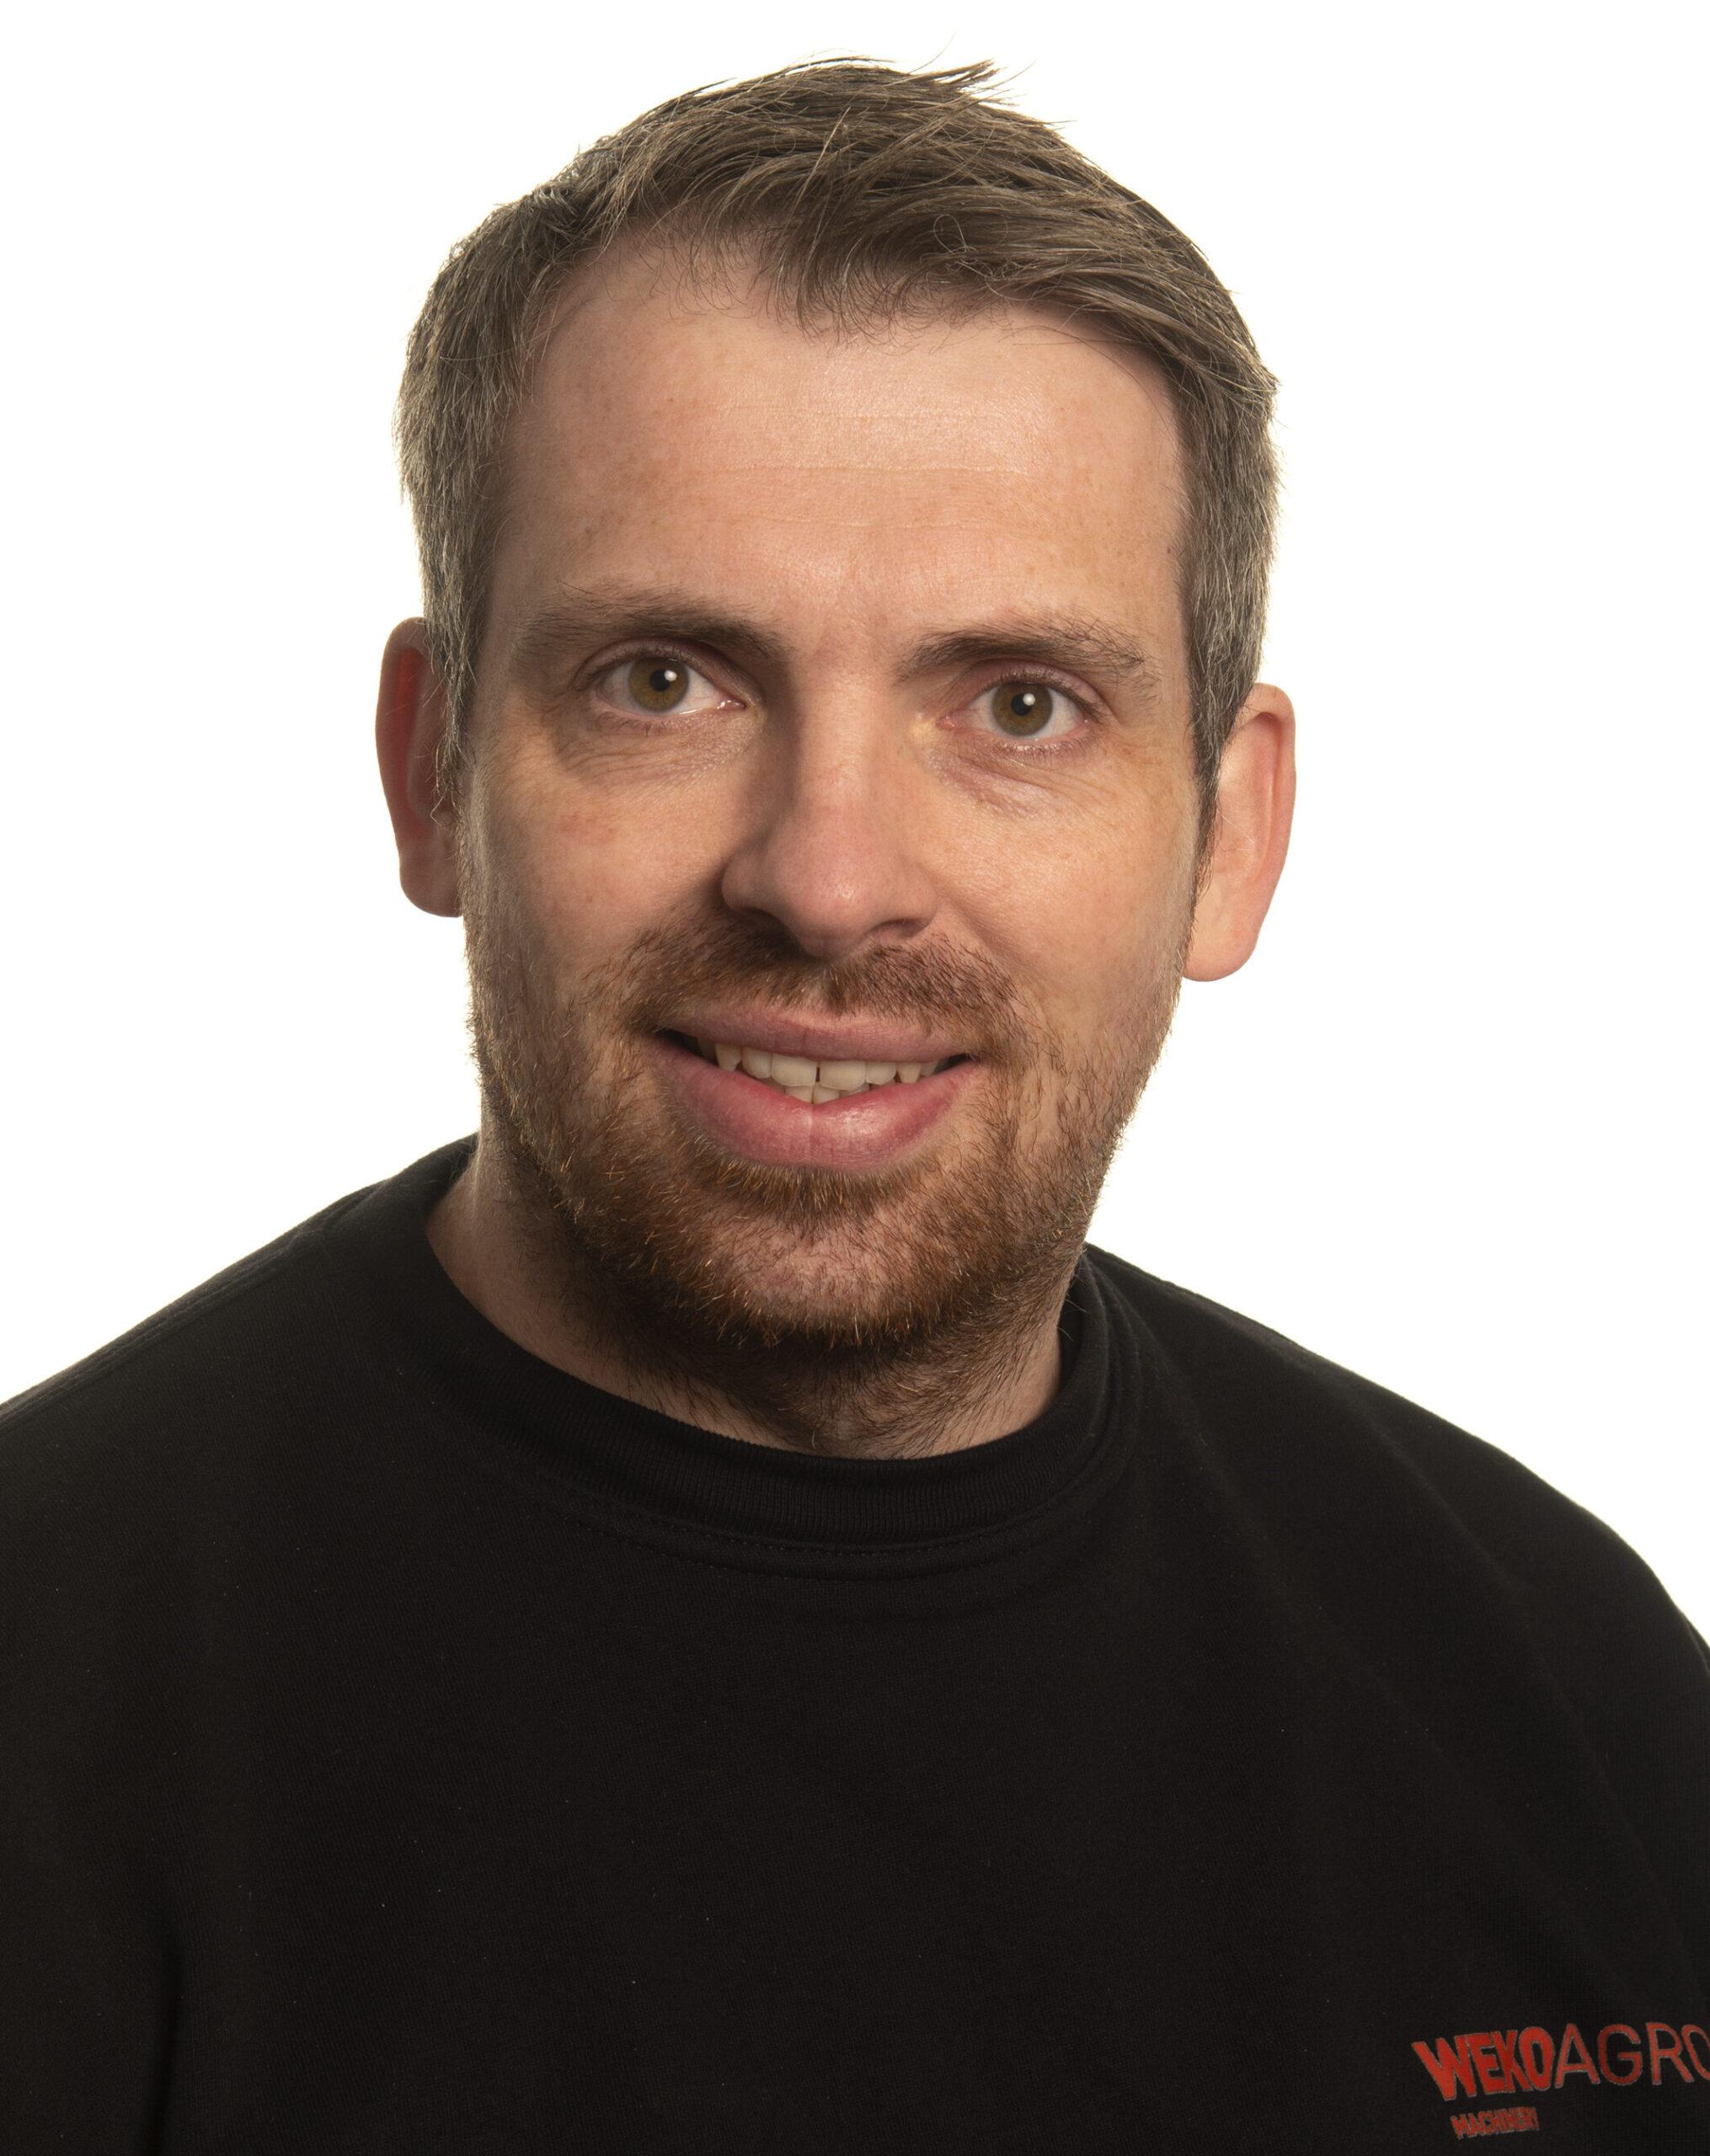 John Møller Kristensen